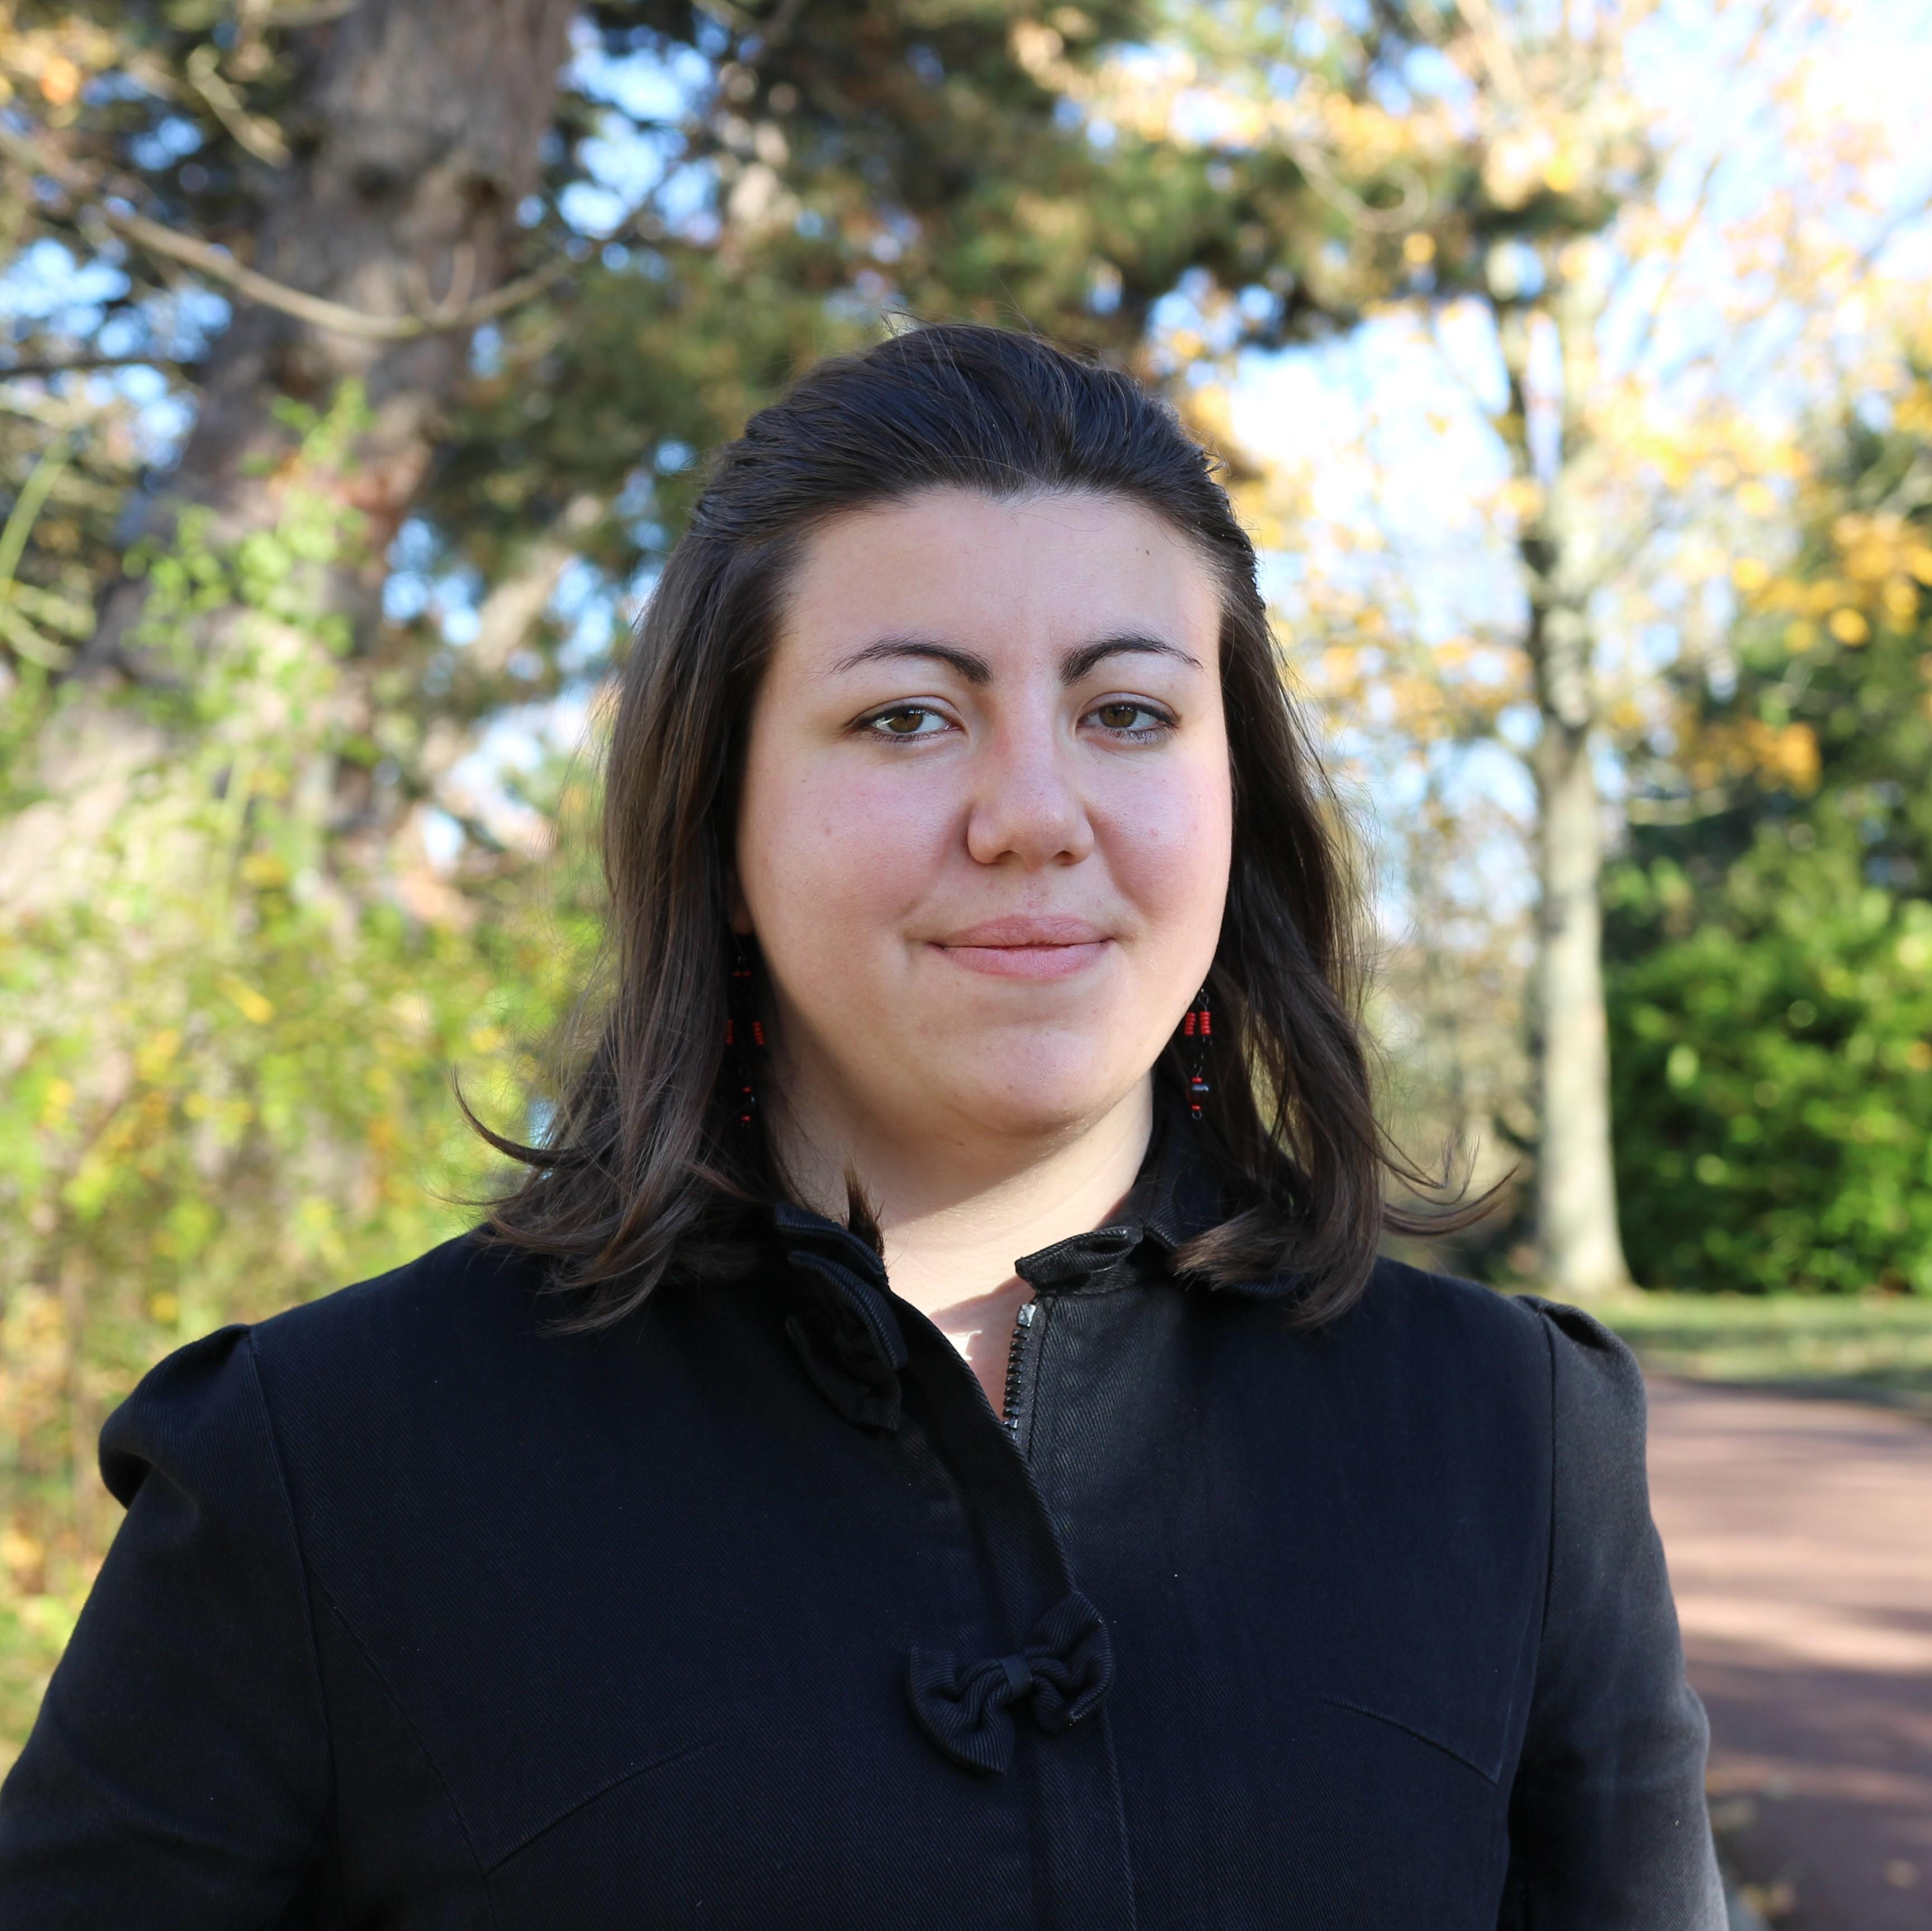 Photo de Claire, jeune femme brune aux yeux marrons.